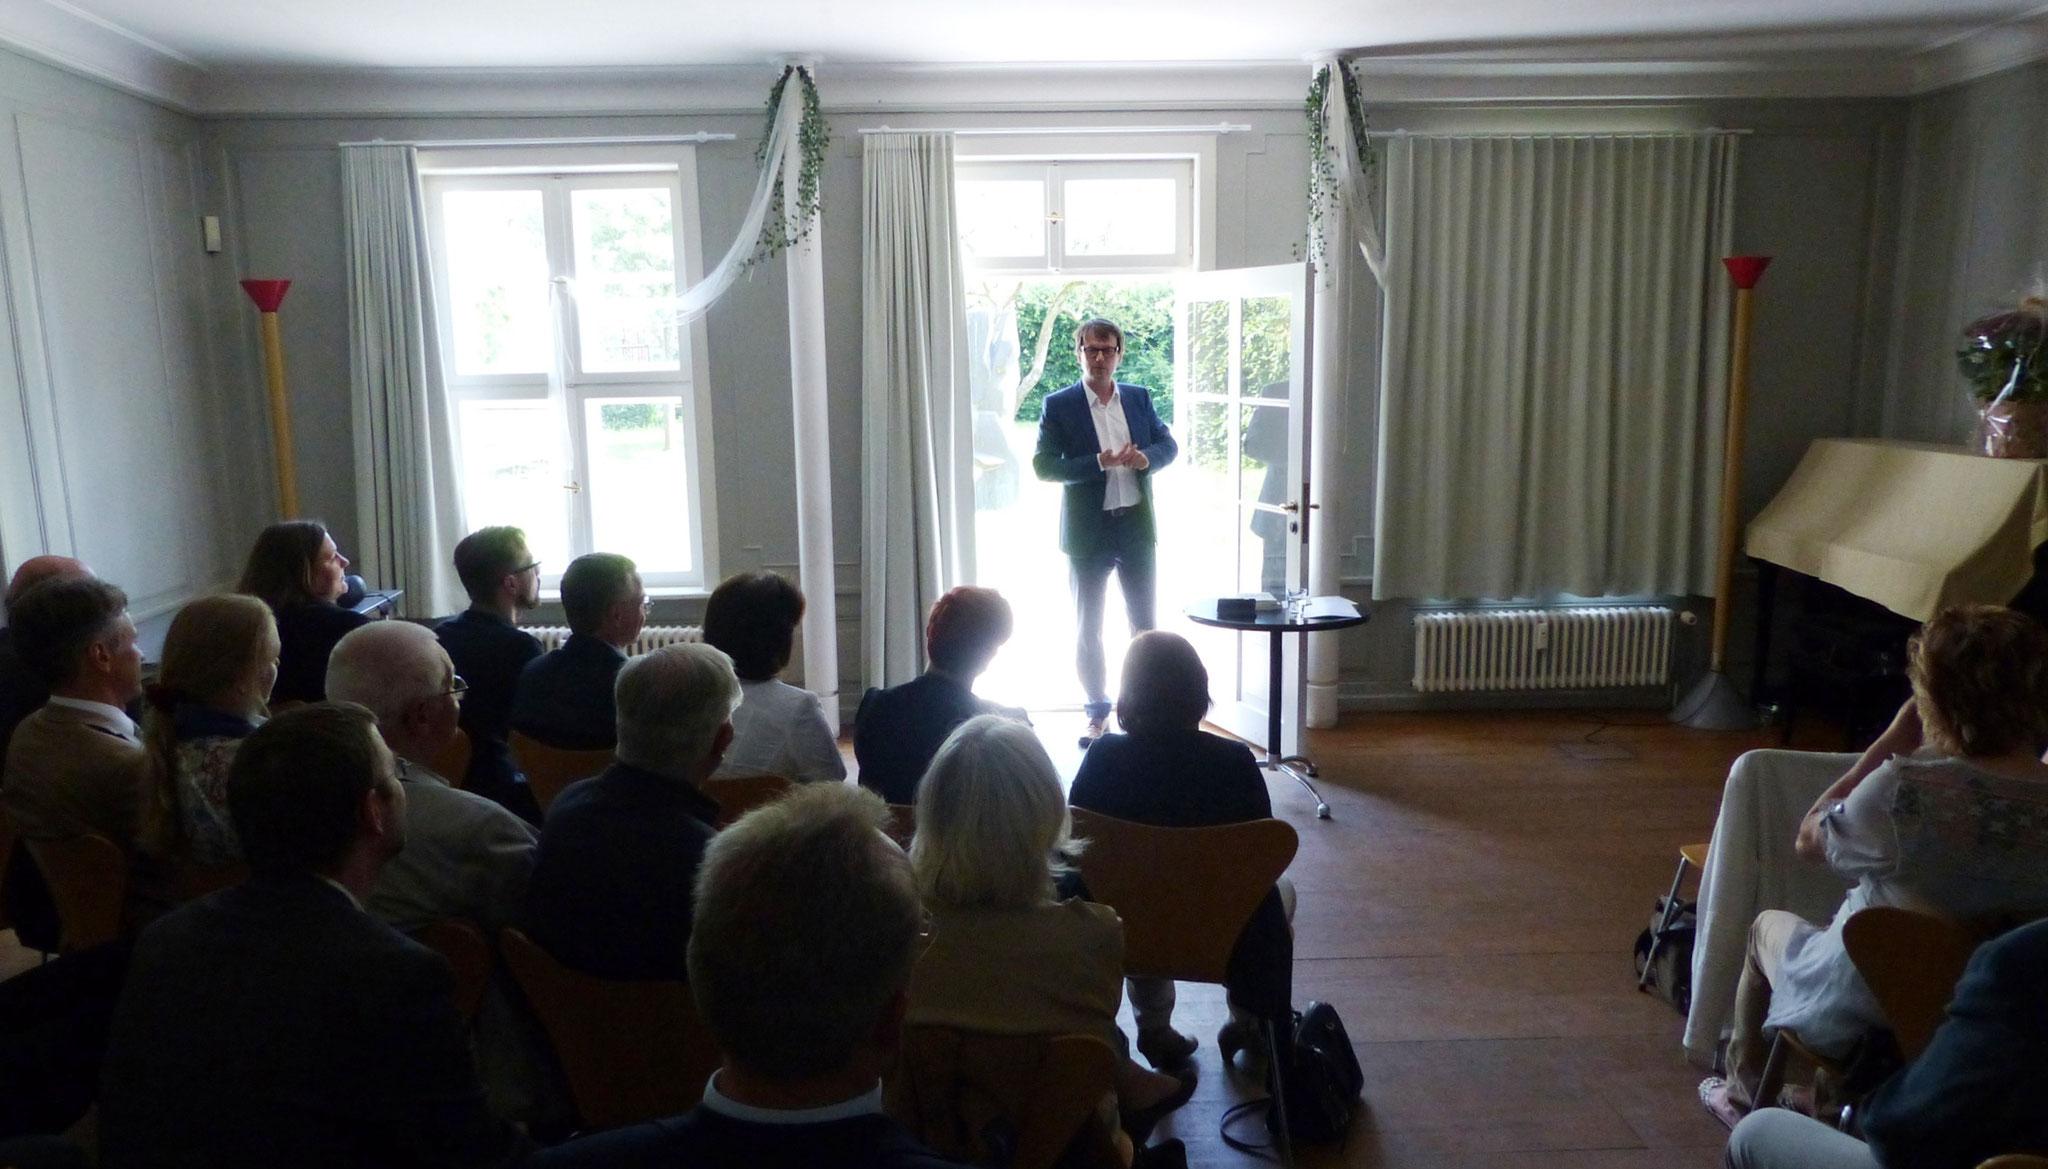 Jubiläumsveranstaltung im Gartensaal des Schleswig-Holstein-Hauses